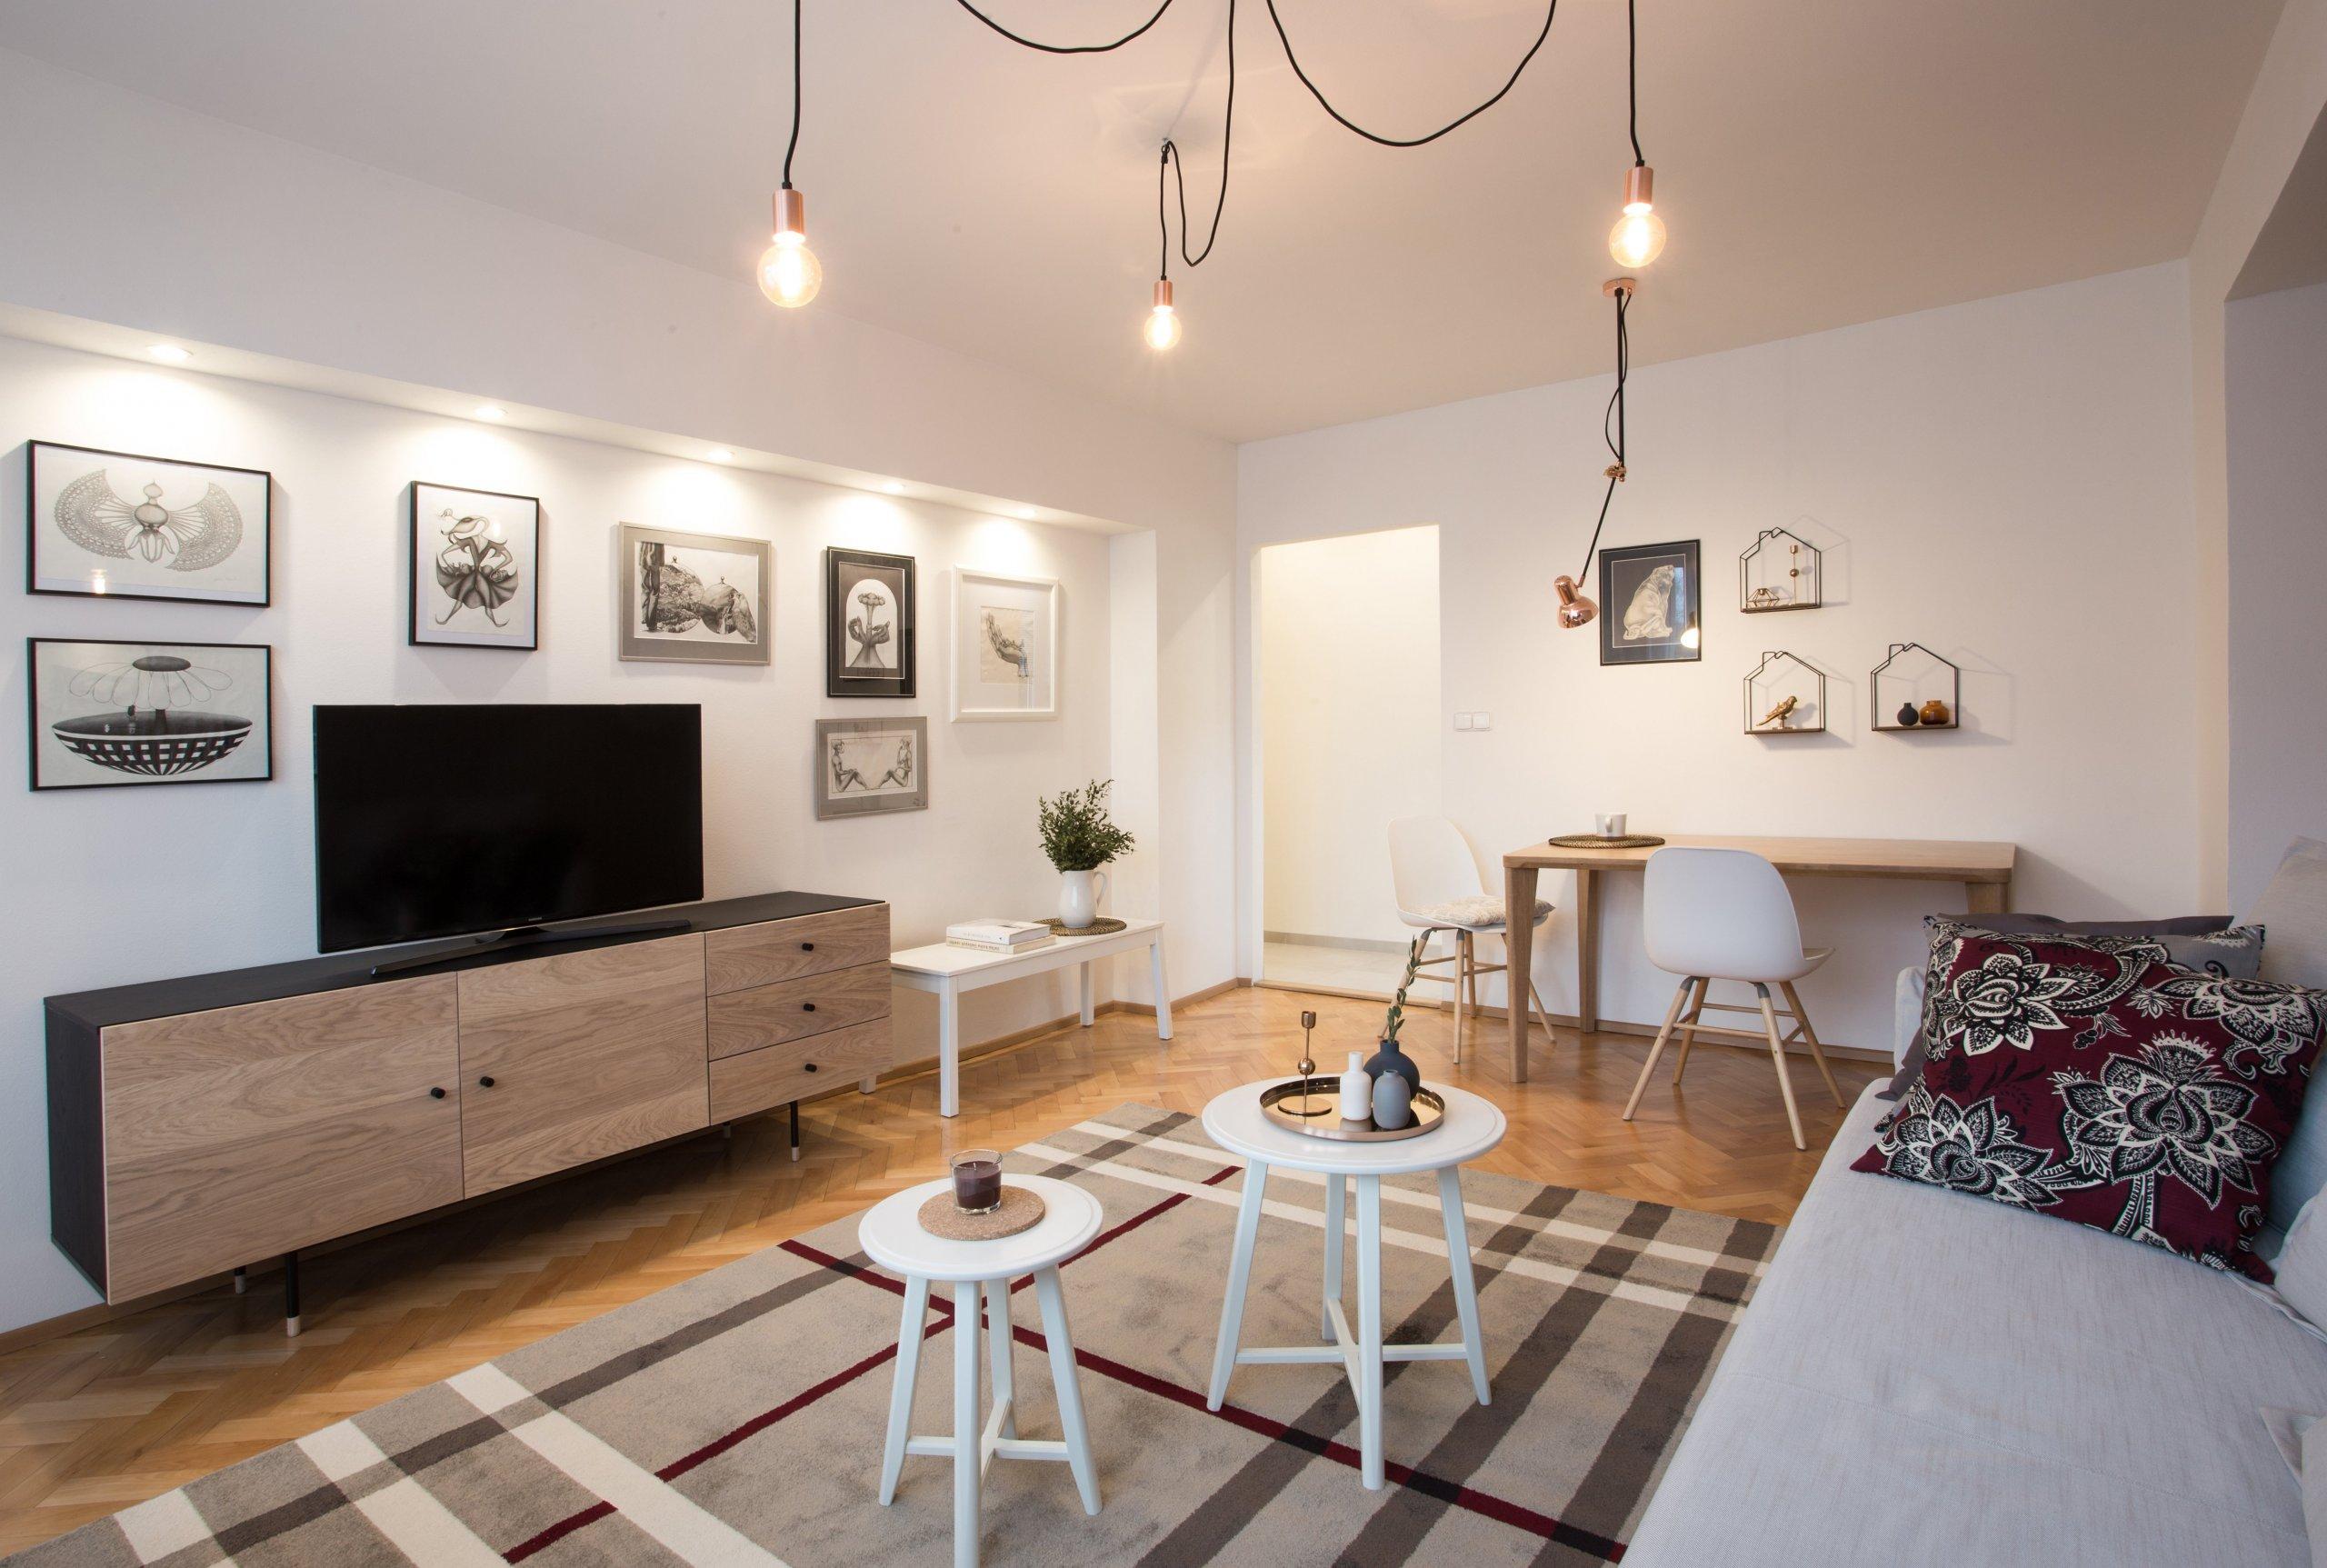 Byt o rozloze 55 m2 obývá žena středního věku. Dispoziční řešení bytu pro jednu osobu bylo vyhovující a proto se bourací práce odehrály pouze v koupelně, kde…